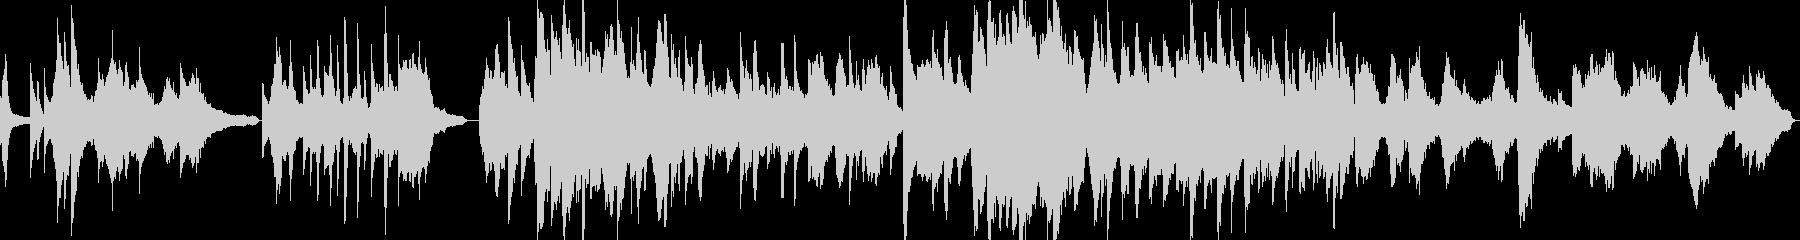 胡弓+ピアノの切なげな中華系の曲の未再生の波形